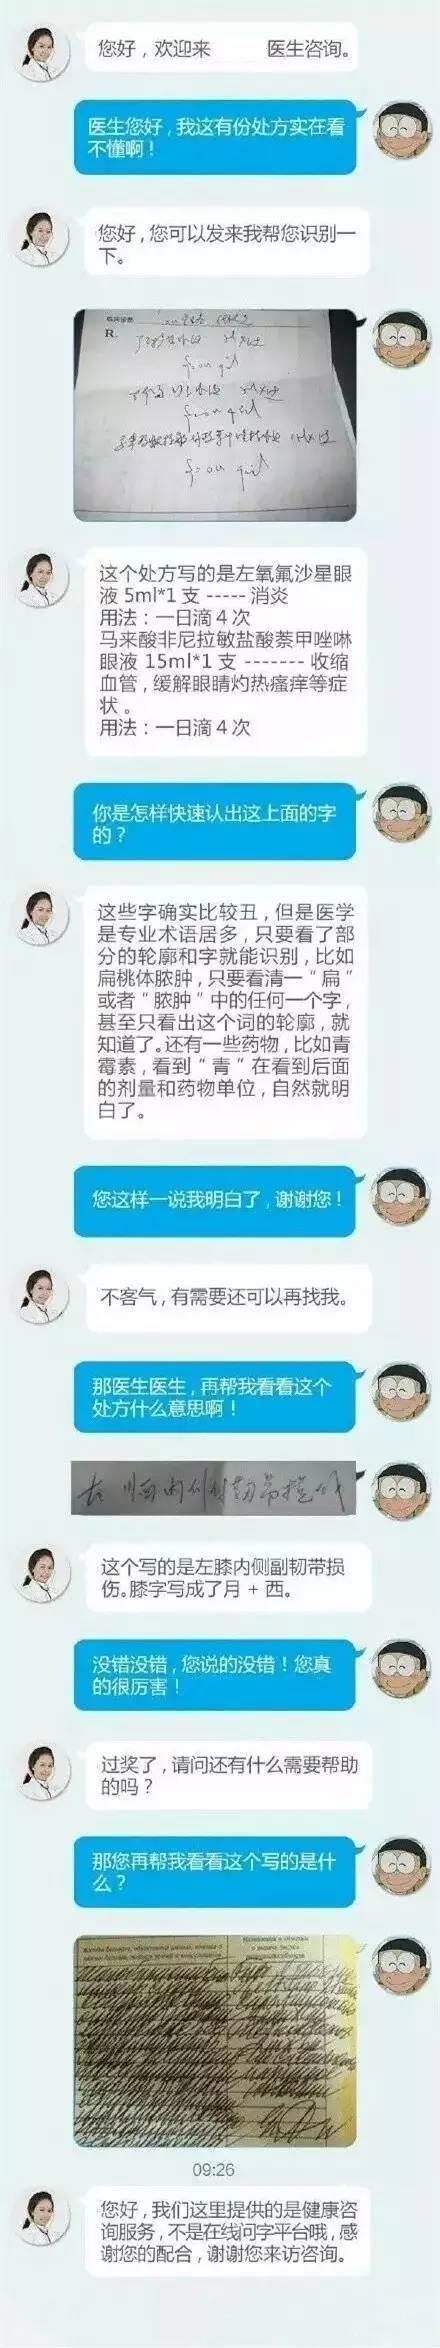 当重庆各热门区域有了朋友圈,来呀!互相伤害啊!